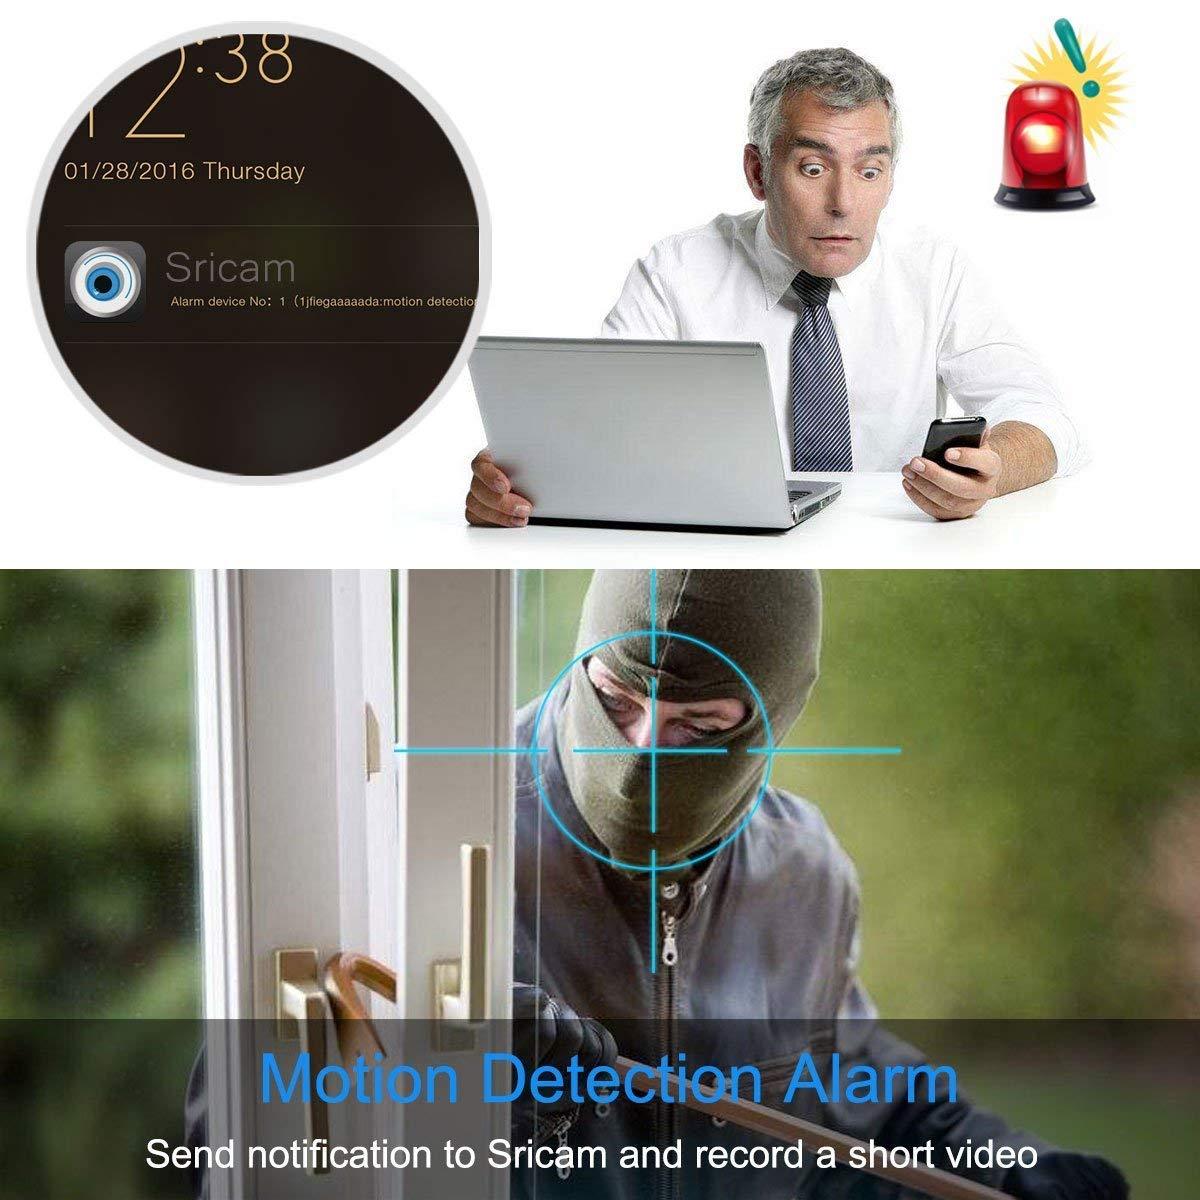 Sricam SP020 Cámara IP 1080P, Cámara de Vigilancia WiFi con Visión Nocturna, Cámara de Seguridad con Detección de Movimiento Compatible con ...